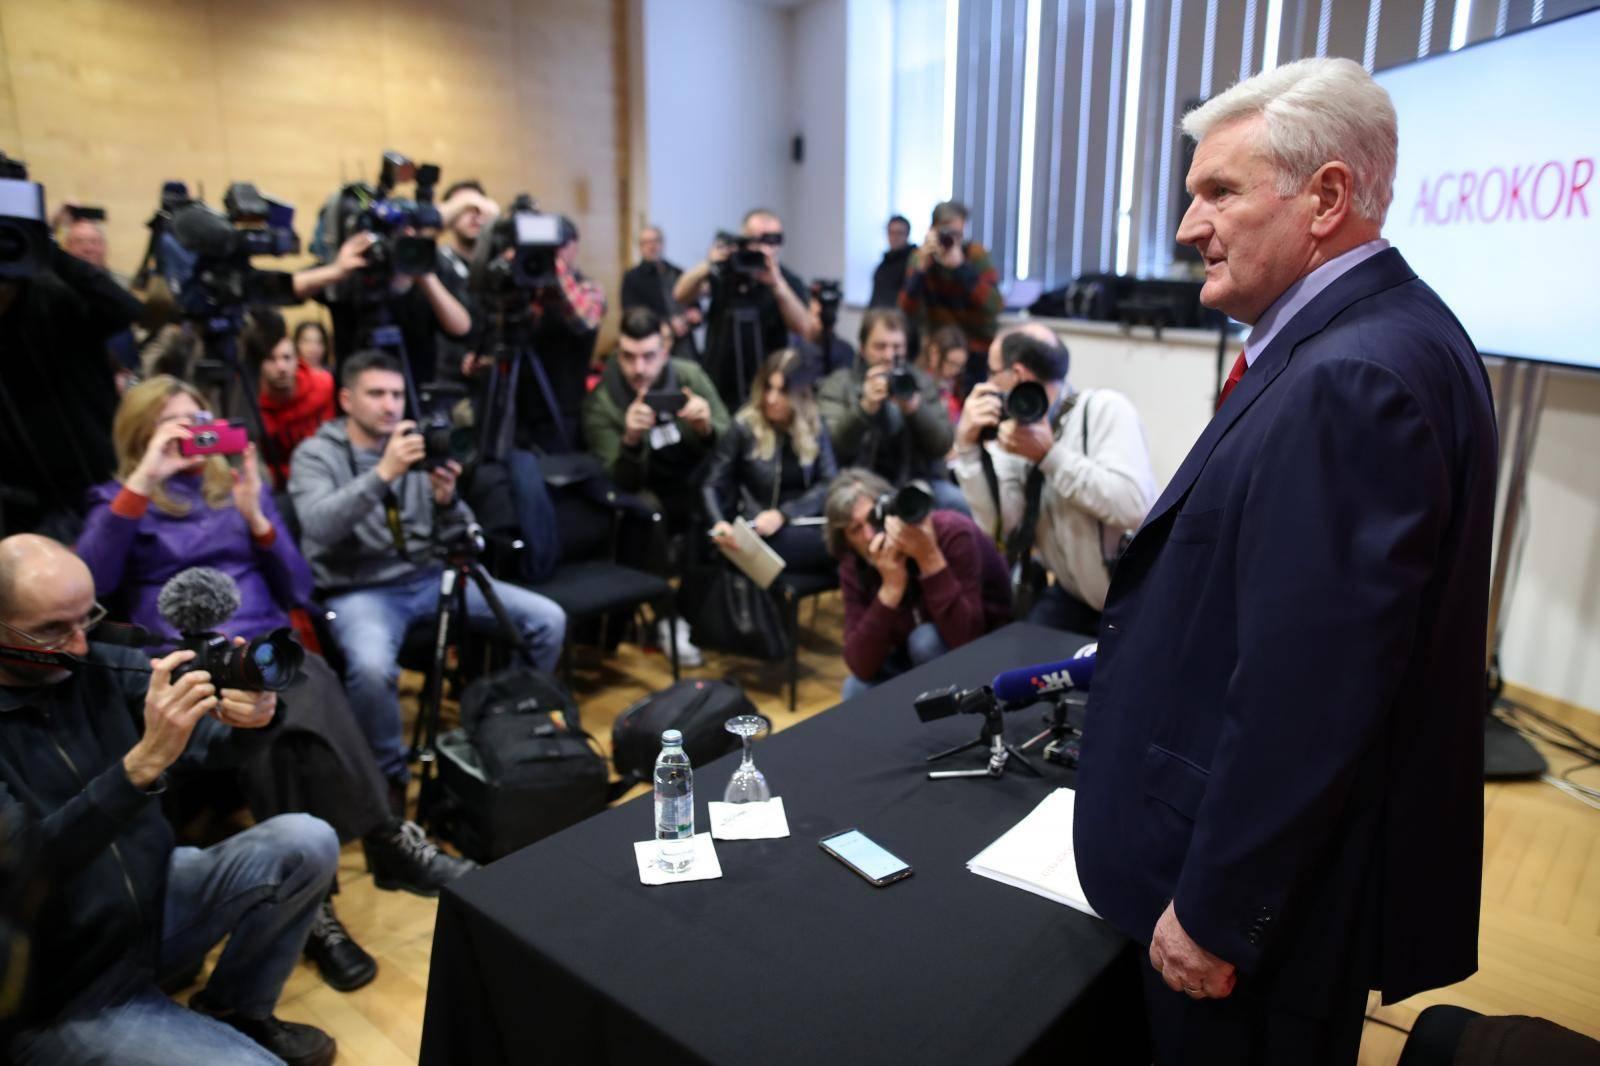 'Došla mi je Dalić i rekla: Tu je novi odbor, miči se iz firme!'